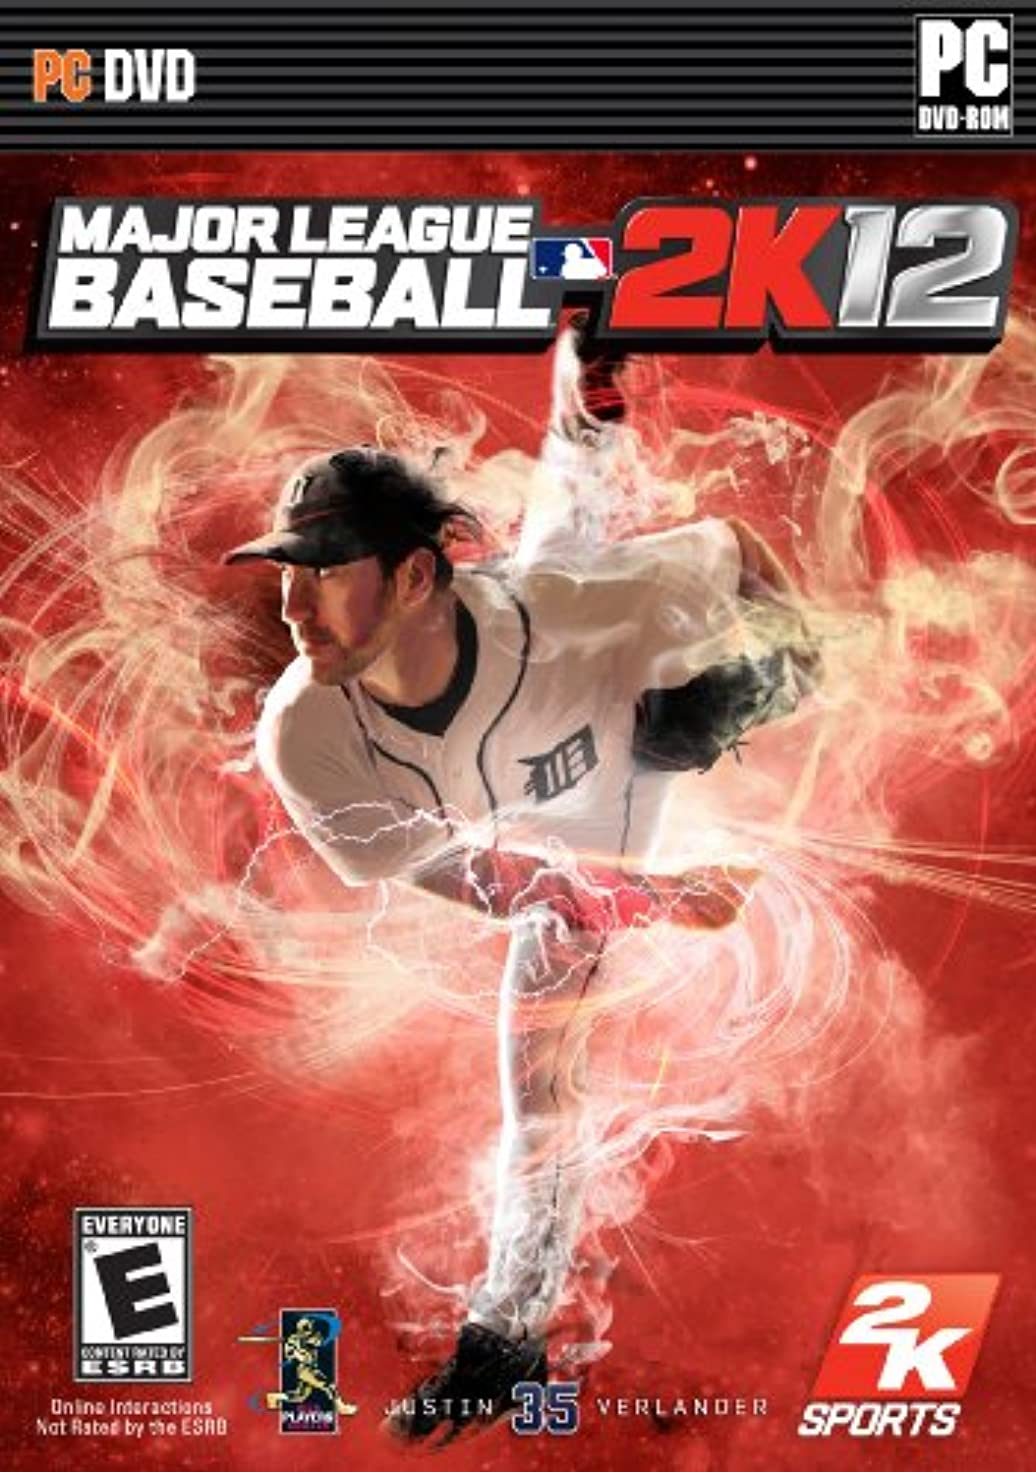 クリアぜいたく改修Major League Baseball 2K12 (輸入版)